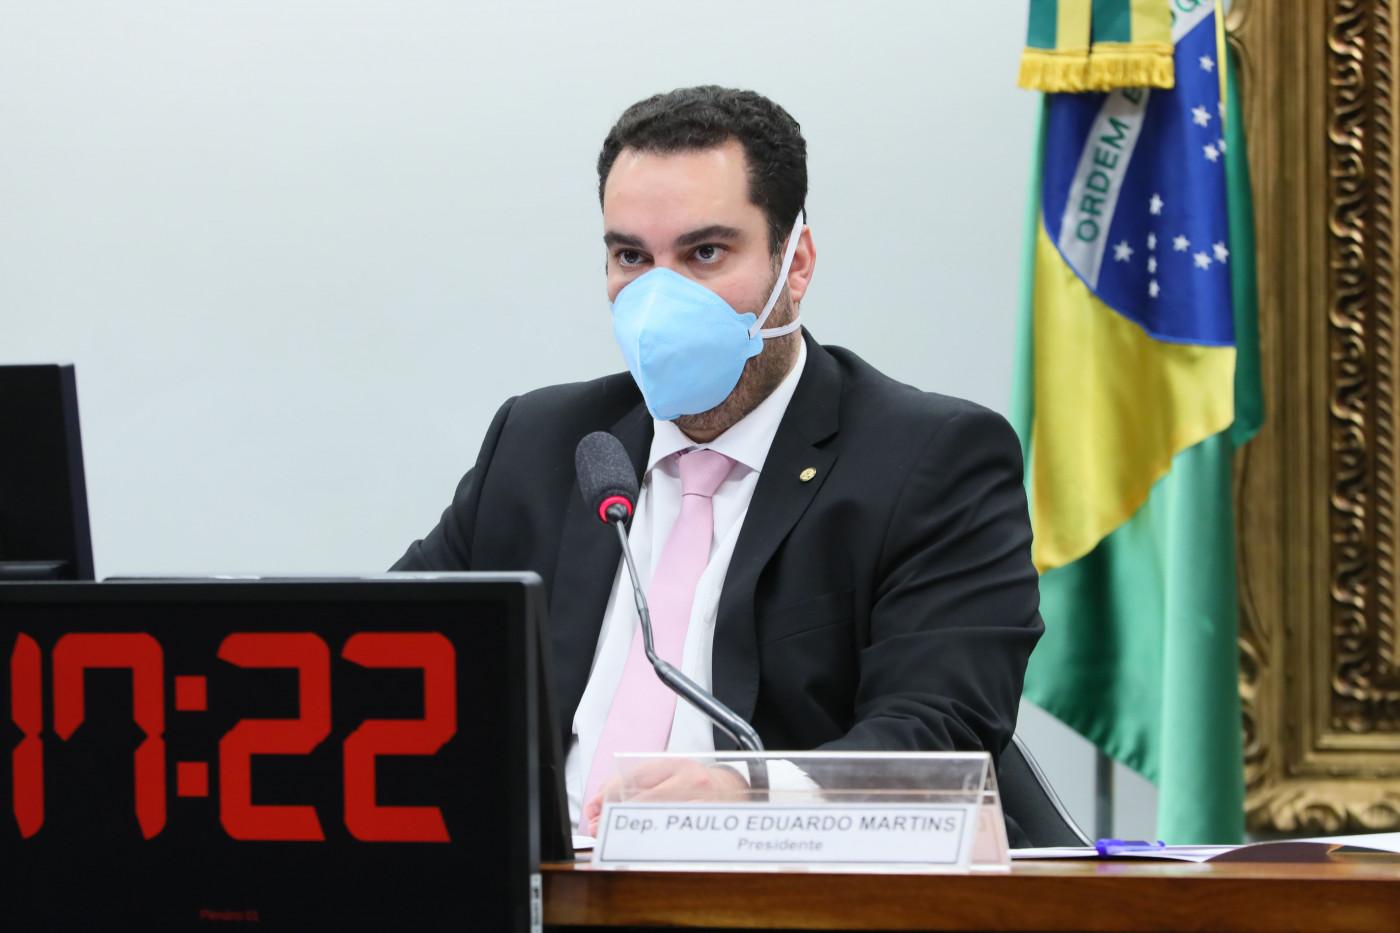 O deputado federal Paulo Eduardo Martins